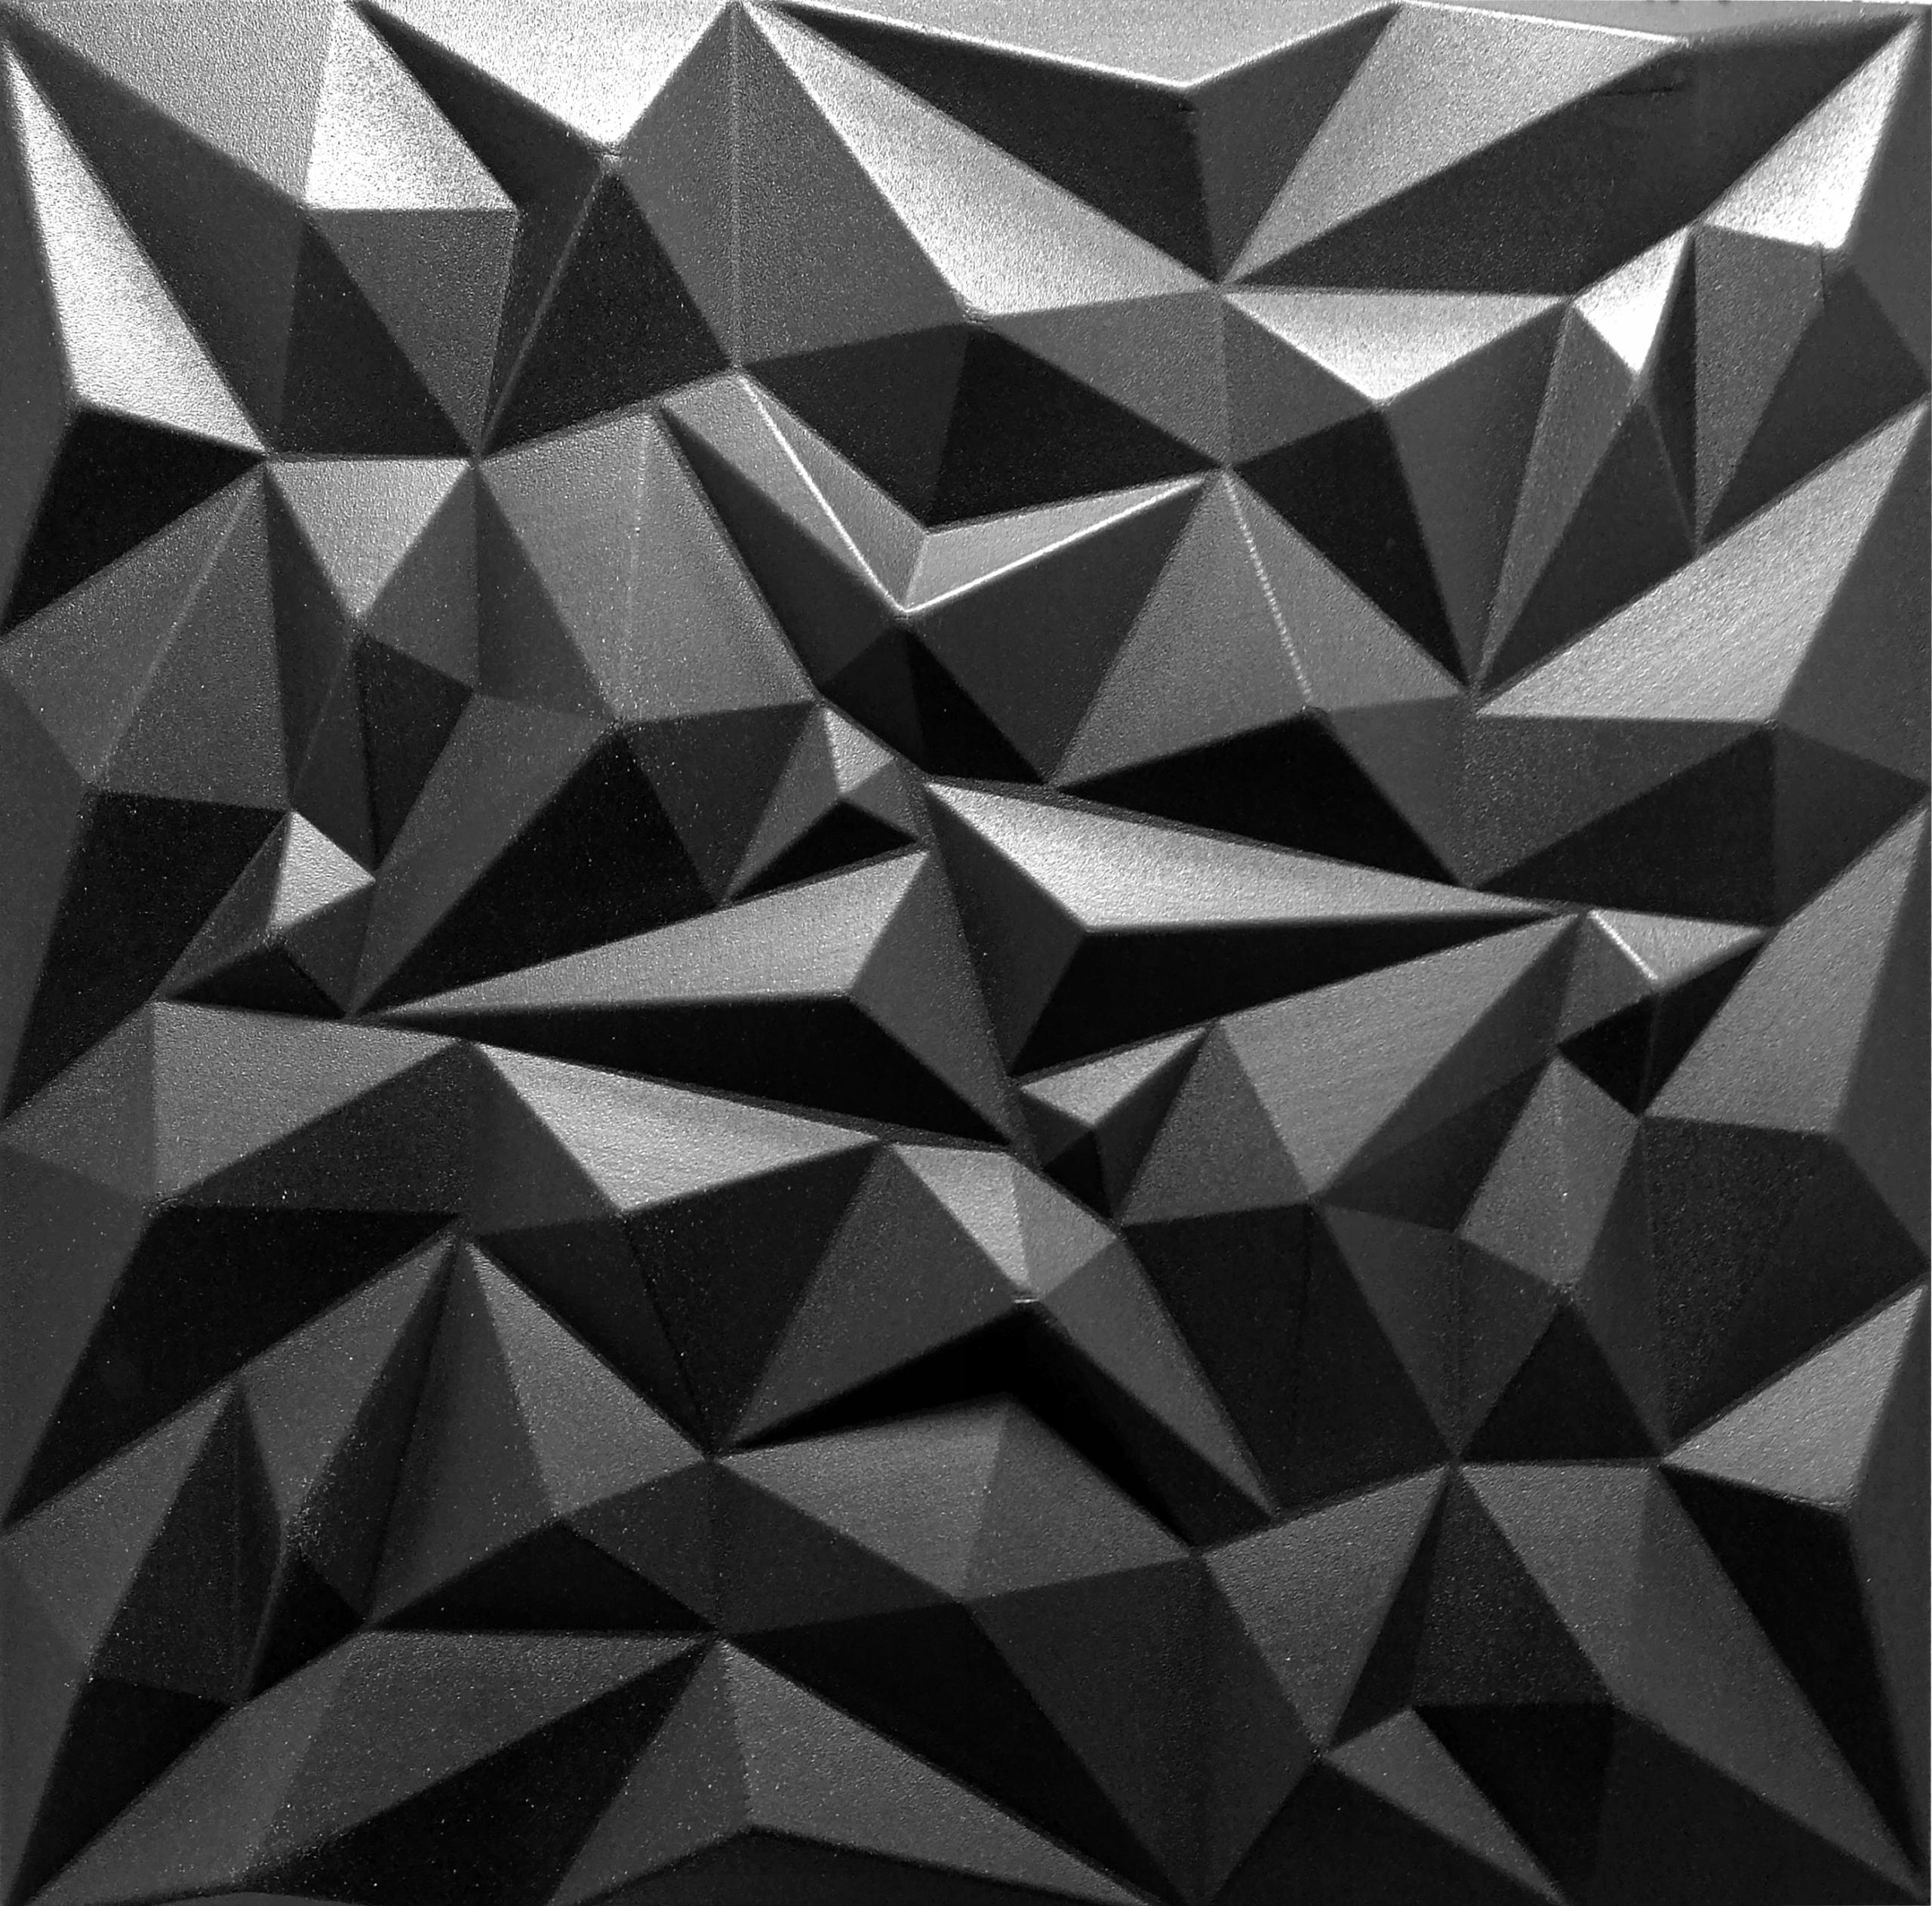 Czarne Ścienne Kasetony Geometryczne 3D Ametyst